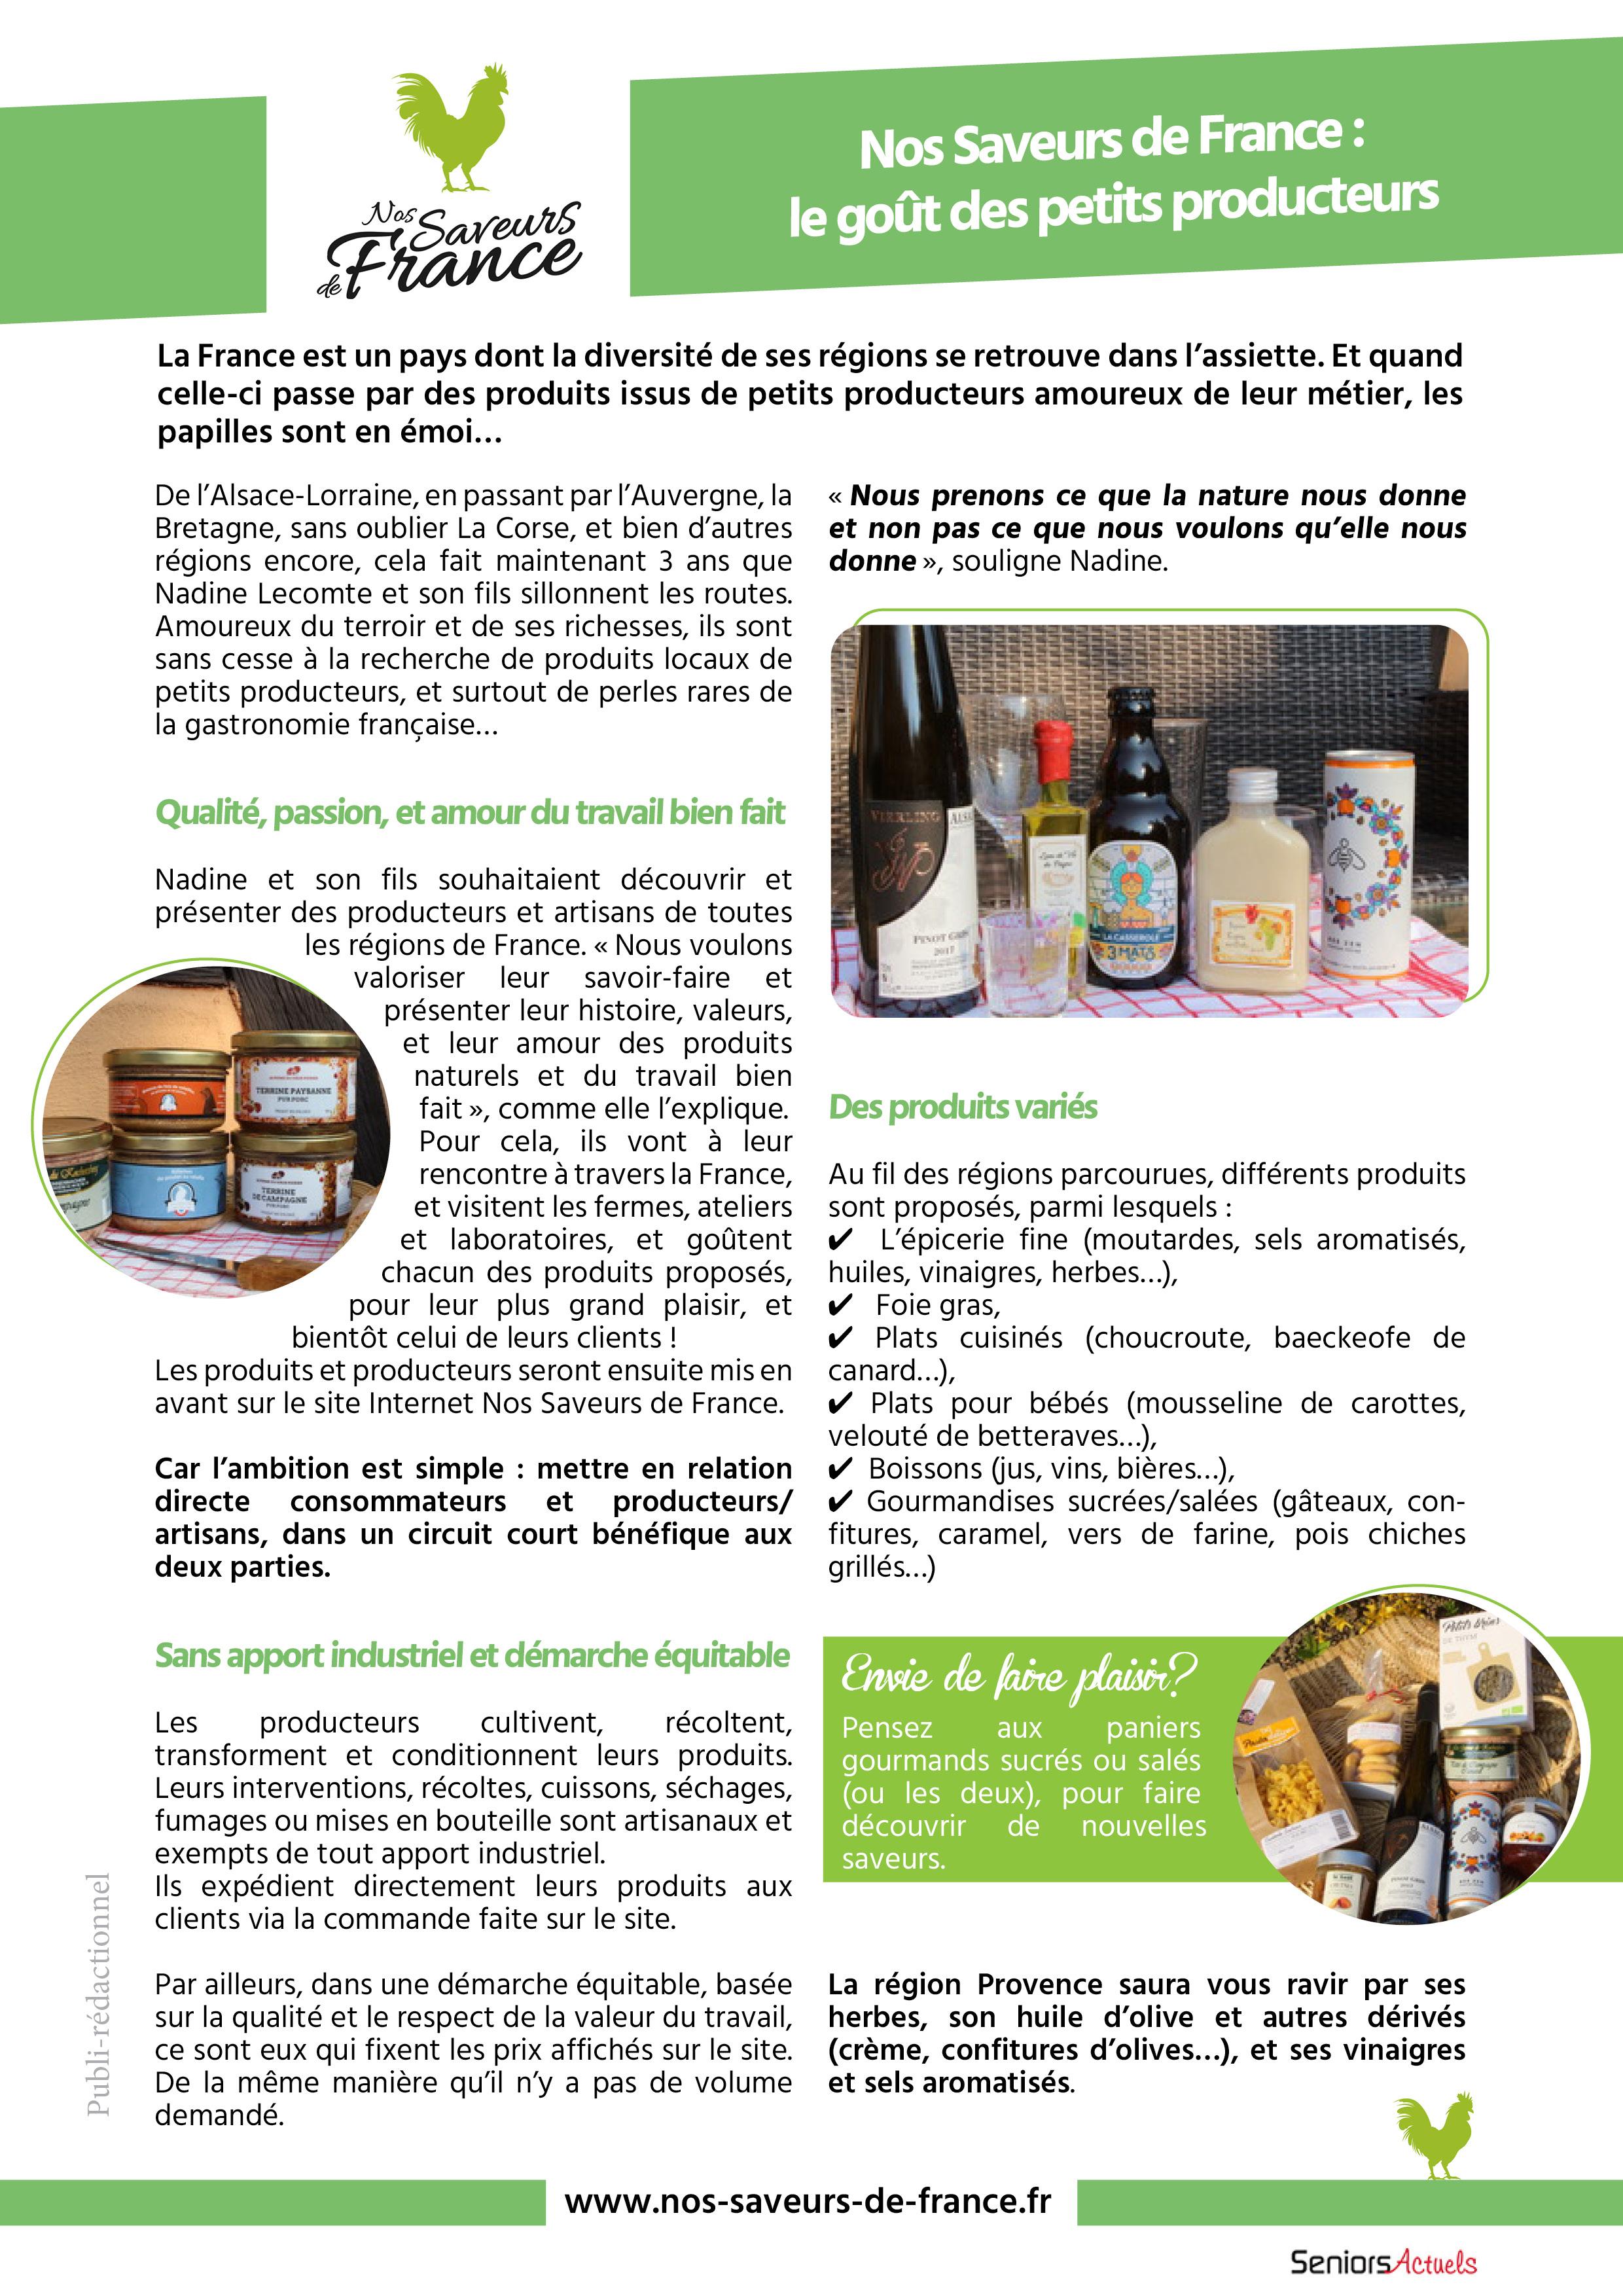 L'article de Nos saveurs de France dans Seniors actuels